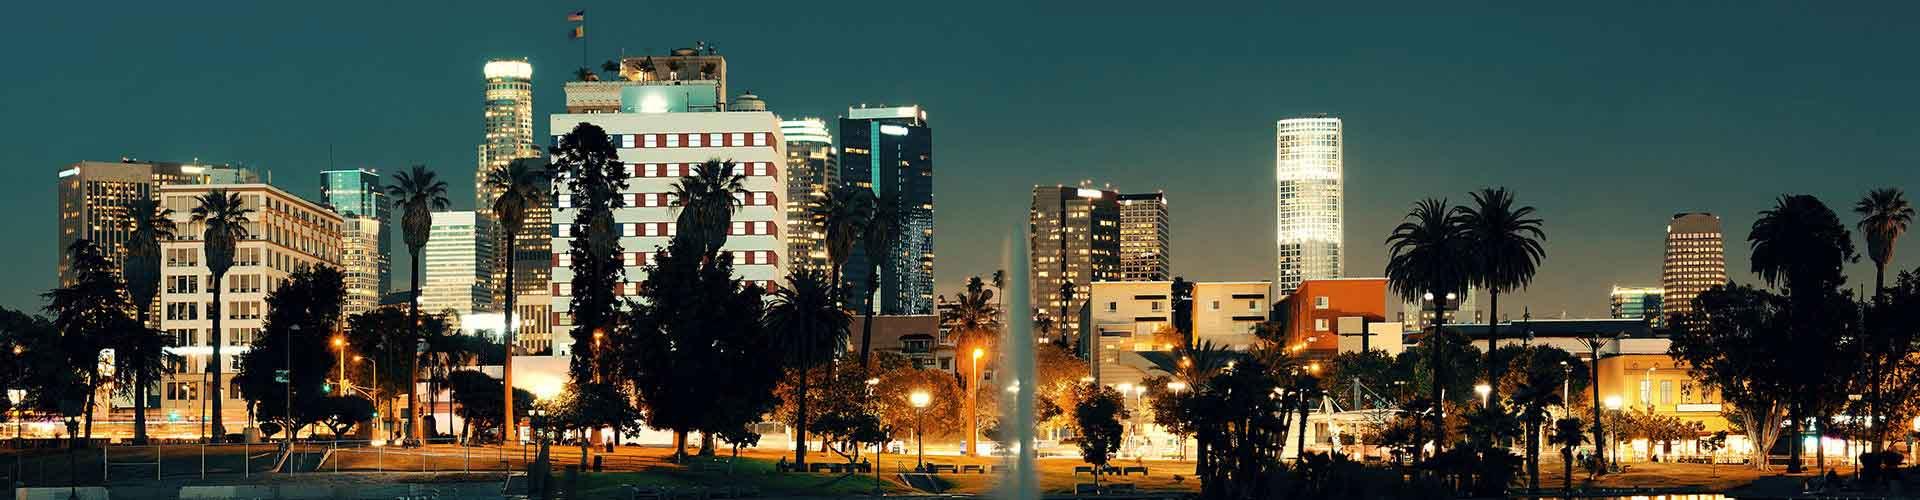 Los Ángeles - Hoteles baratos en Los Ángeles. Mapas de Los Ángeles, Fotos y comentarios de cada Hotel en Los Ángeles.